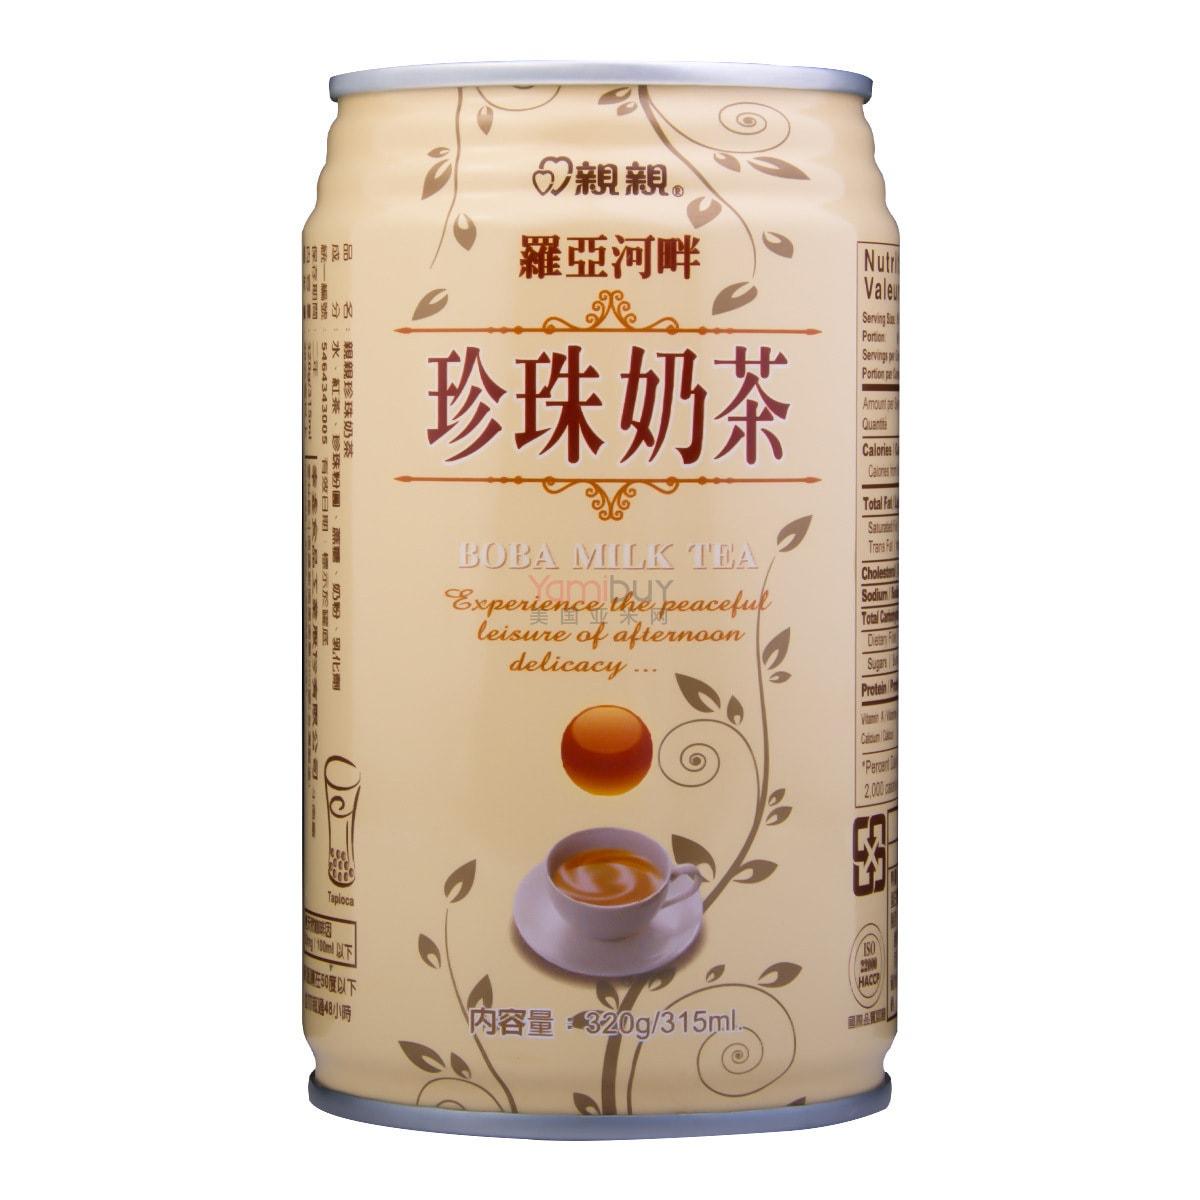 台湾亲亲 罗亚河畔 珍珠奶茶 315ml